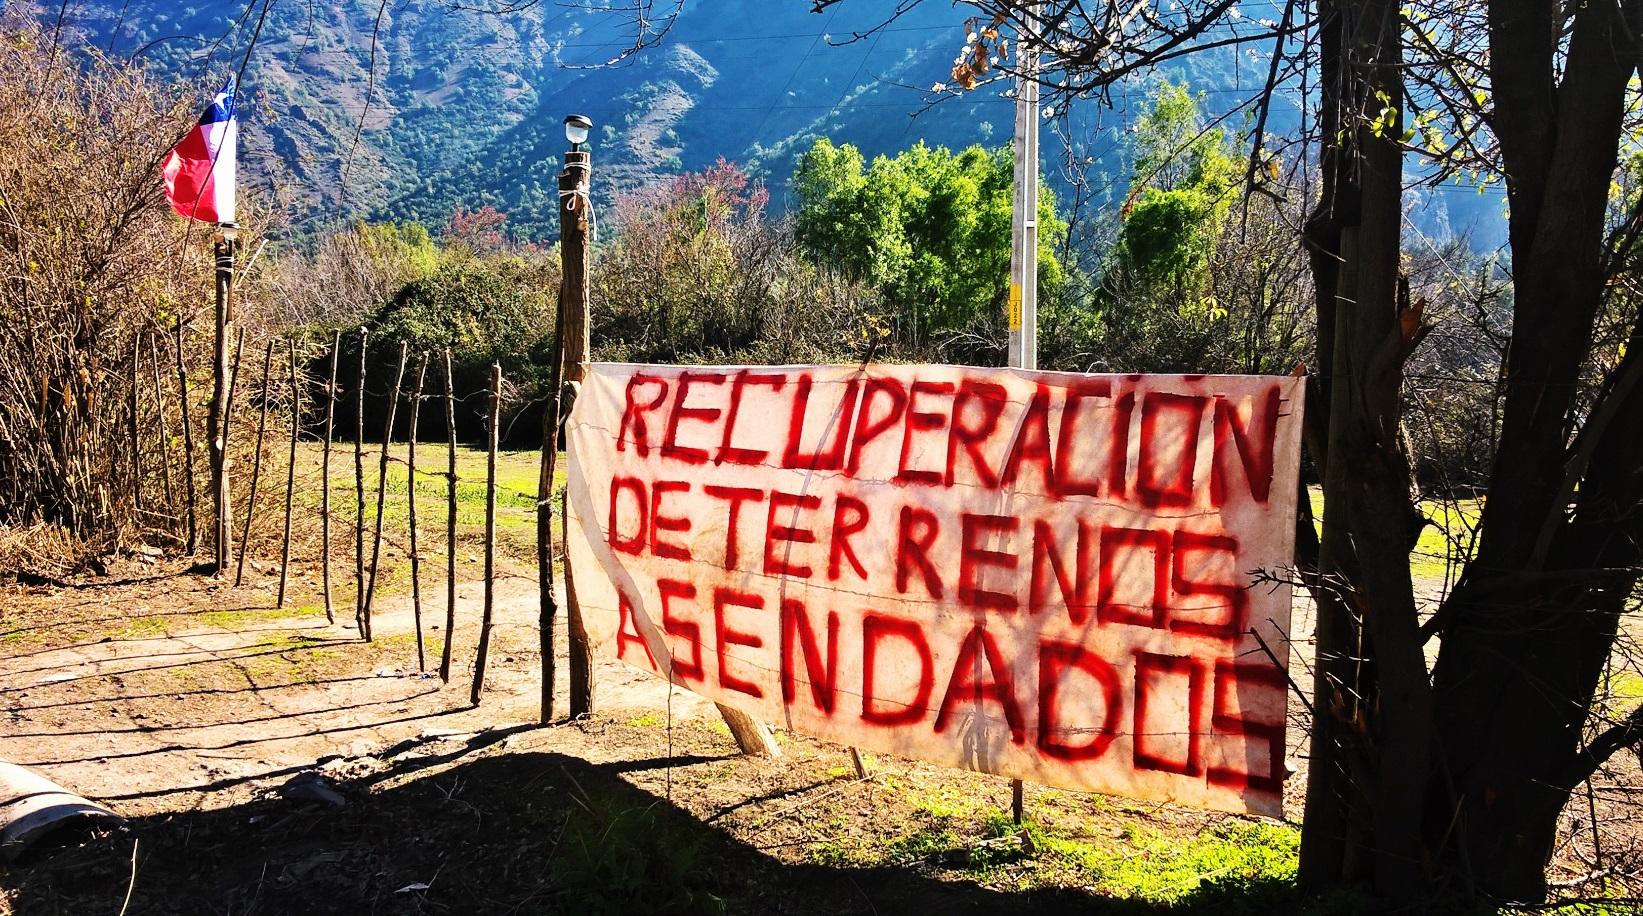 Historia de un despojo: las tierras de la Reforma Agraria que el Ejército arrebató a campesinos